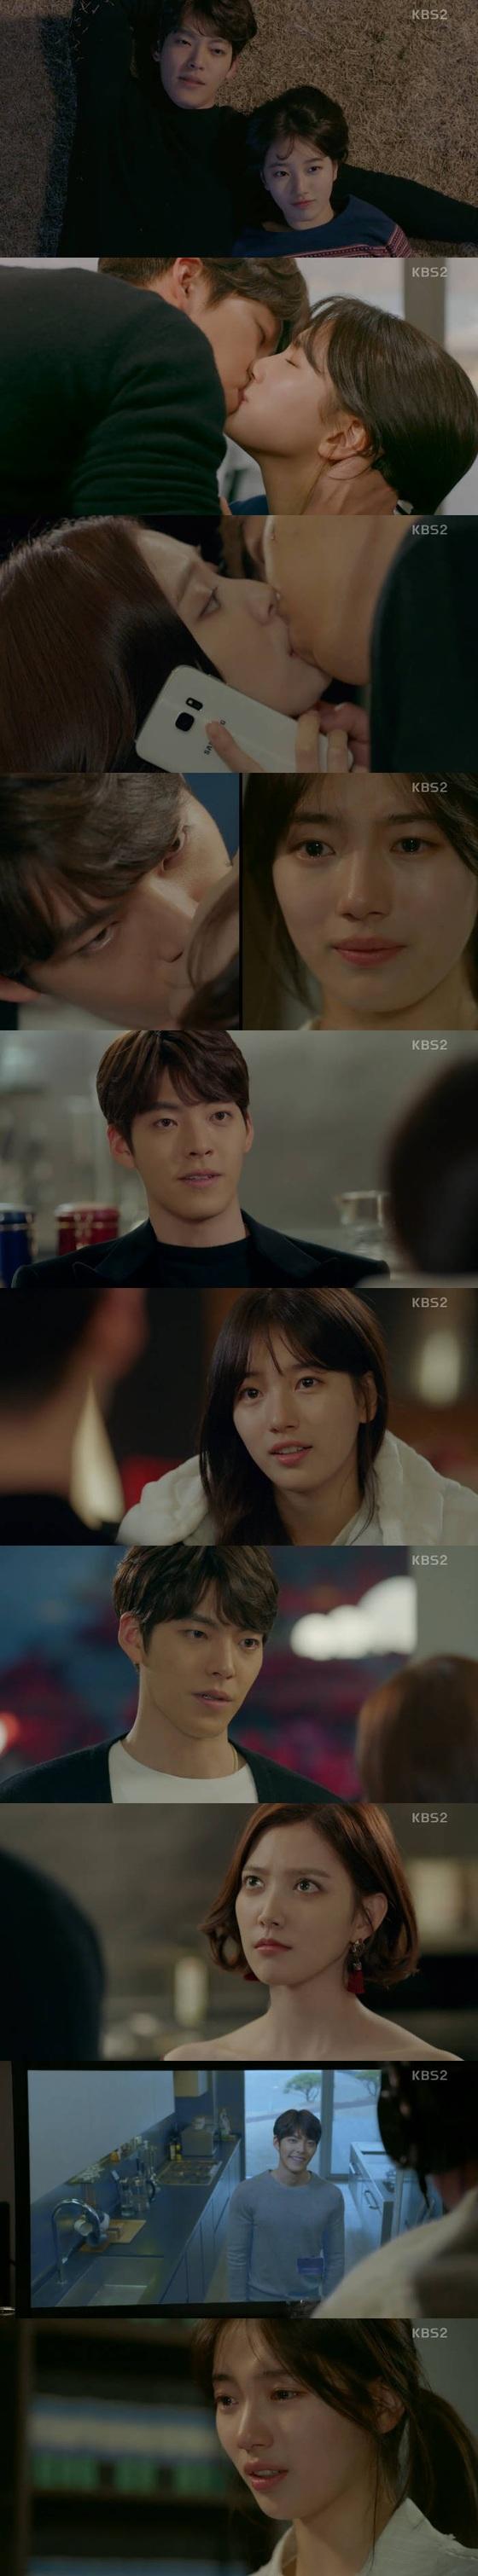 '함틋' 김우빈의 '맴찢' 로맨스, 말릴 사람은 수지뿐